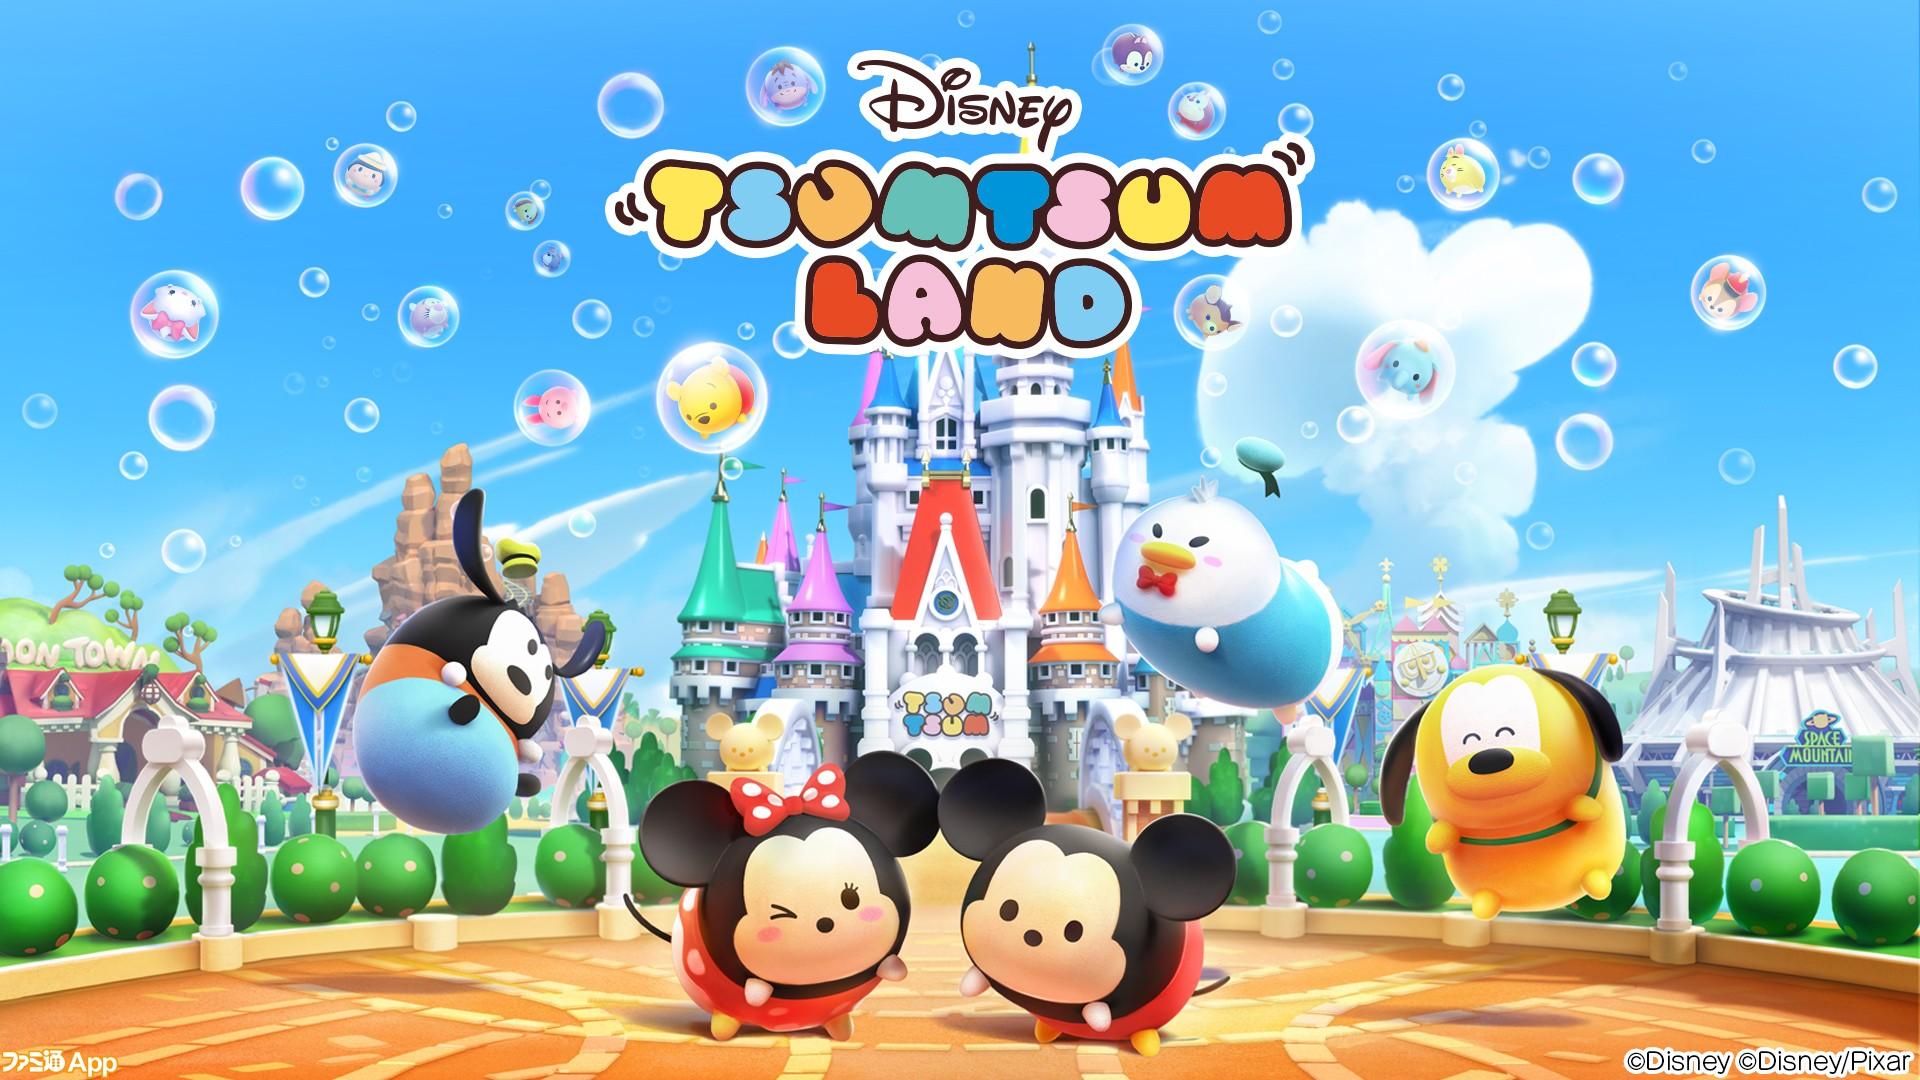 コロプラ新作『ディズニー ツムツムランド』先行体験会リポート!ツムツムたちのディズニーテーマパークに大興奮